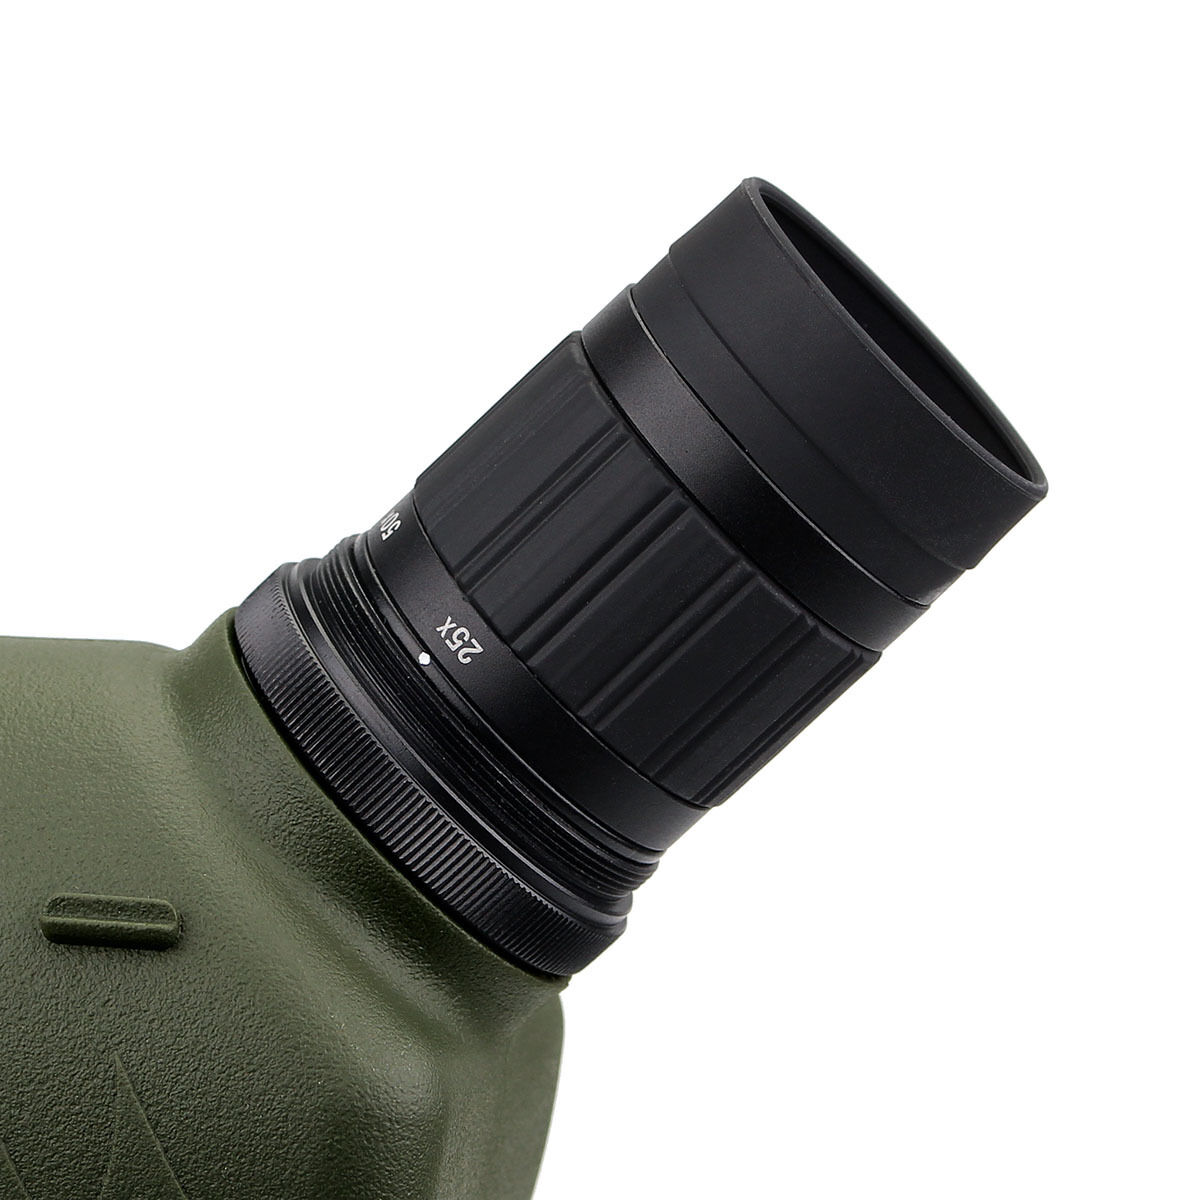 New FMC 25-75x70mm WaterResistant 45Degree Angled Zoom Spotting Scope Scope Scope w/ Tripod 316b40